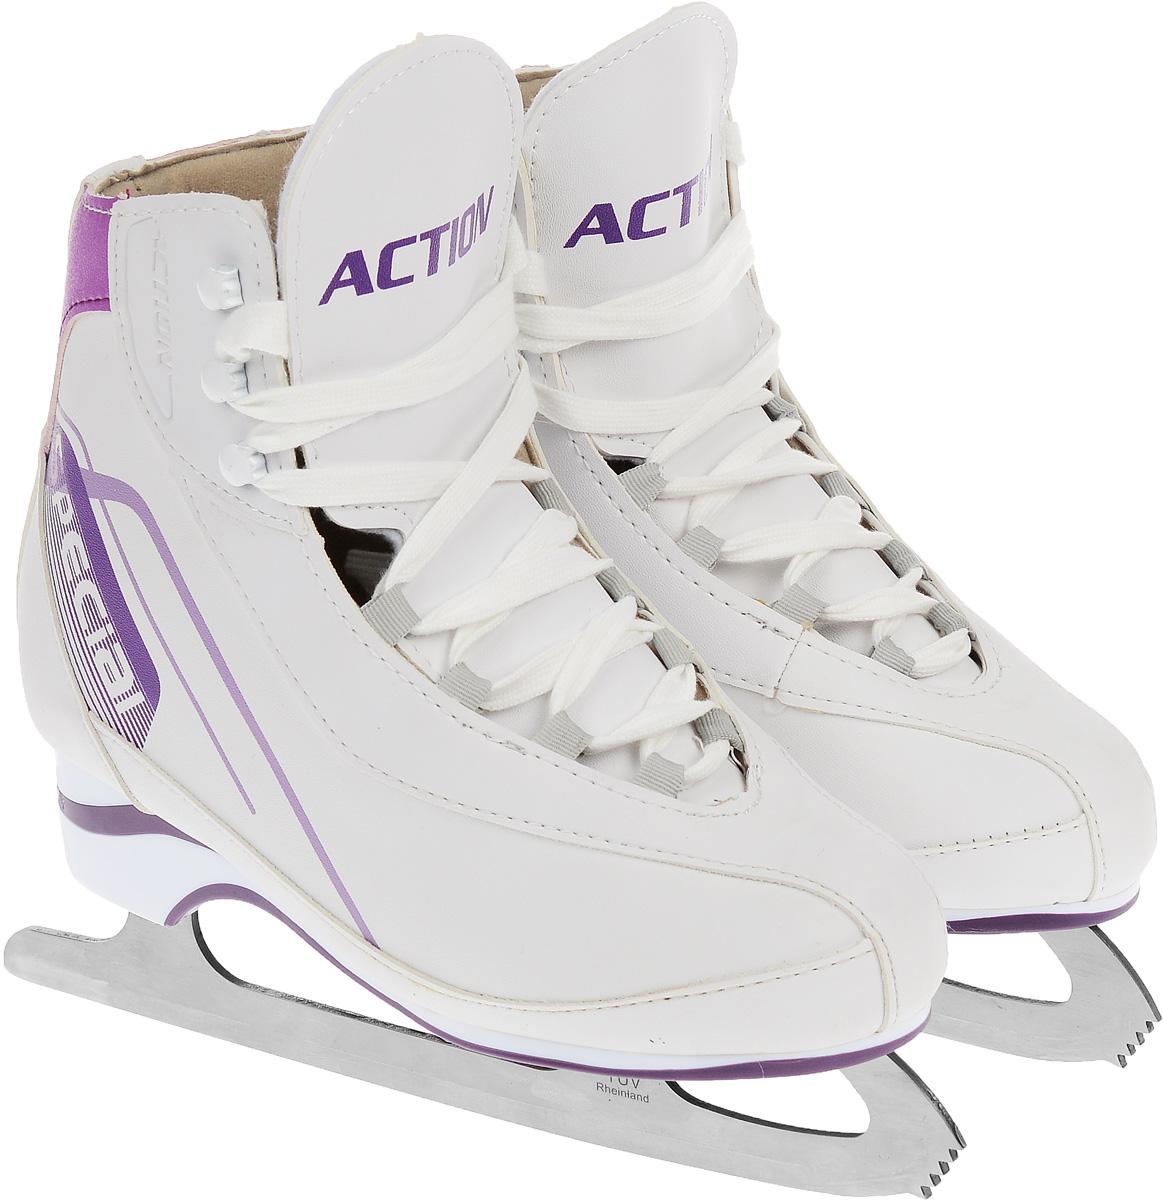 Коньки фигурные женские Action Sporting Goods, цвет: белый, фиолетовый. PW-221. Размер 40